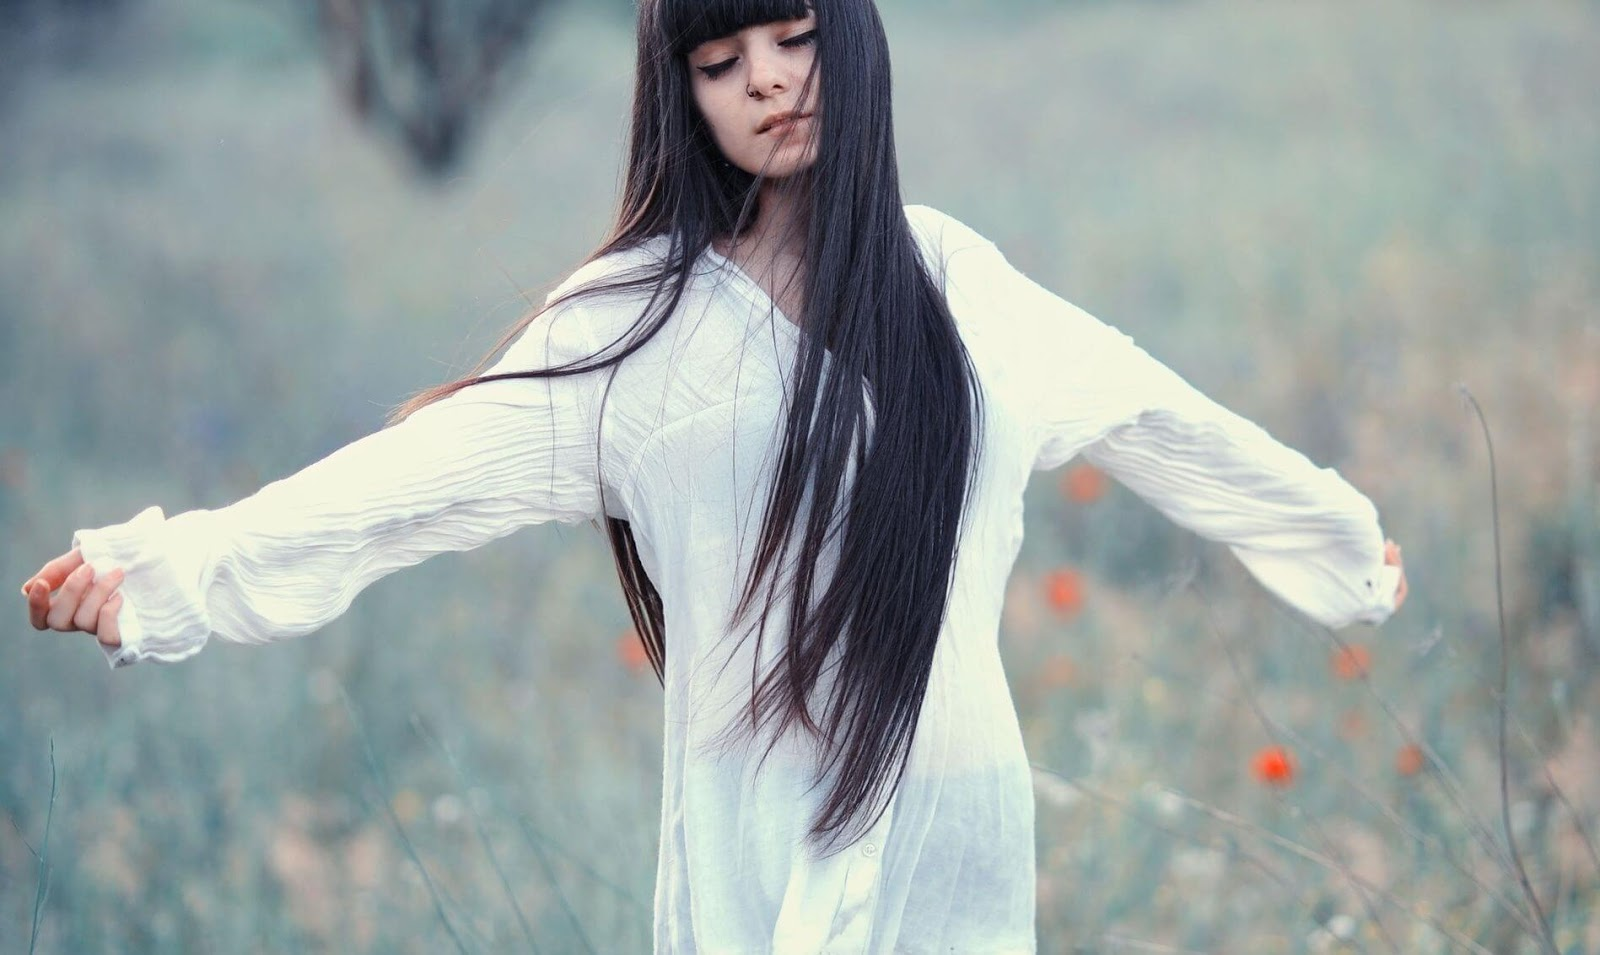 بالصور اطول شعر في العالم , شاهد اطول شعر في الدنيا 3512 2